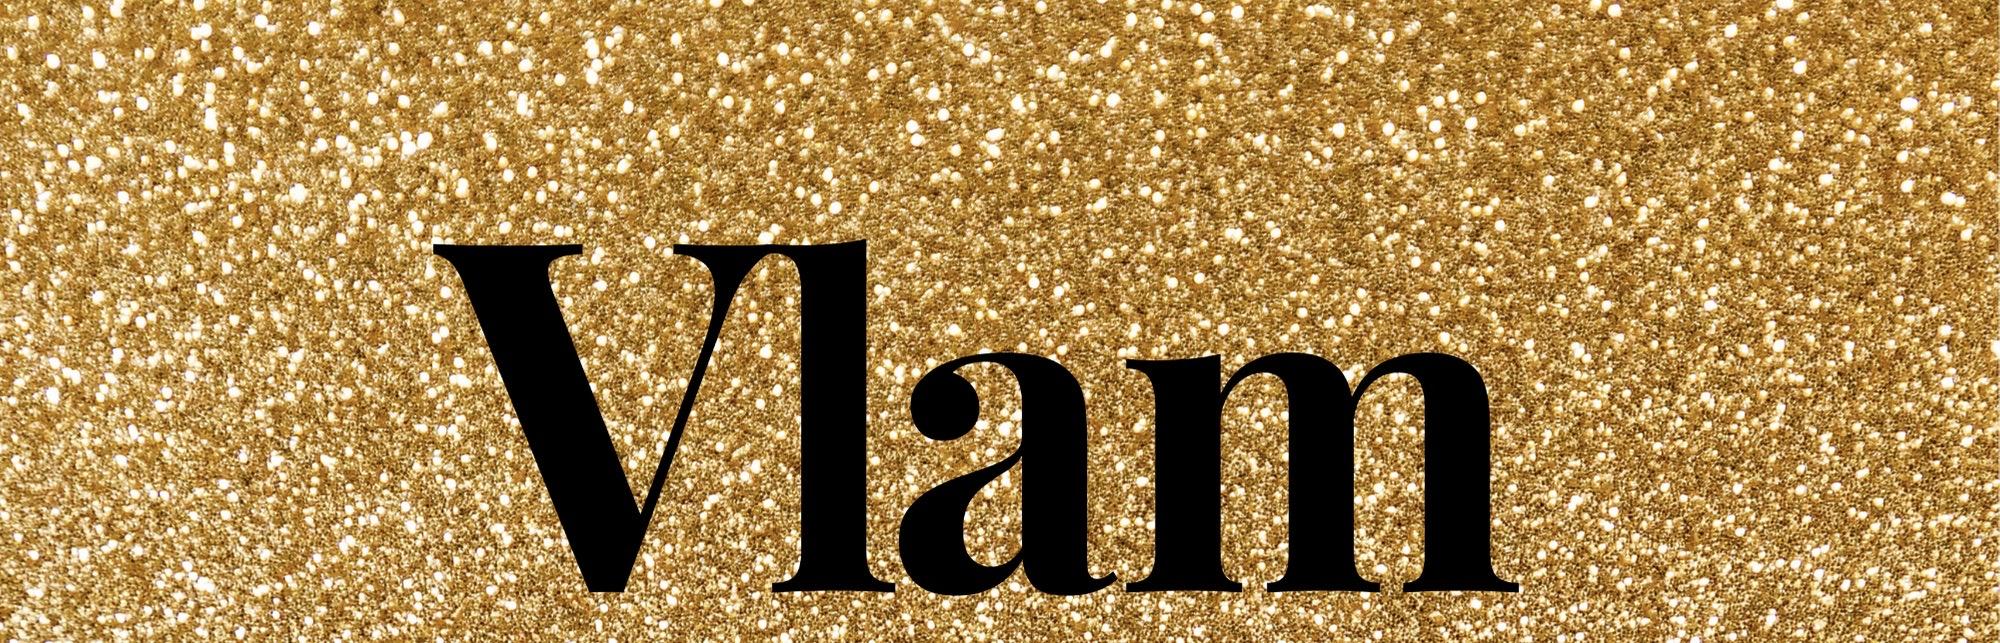 De Vlam-redactie kondigt aan (tromgeroffel): het eerste papieren magazine!